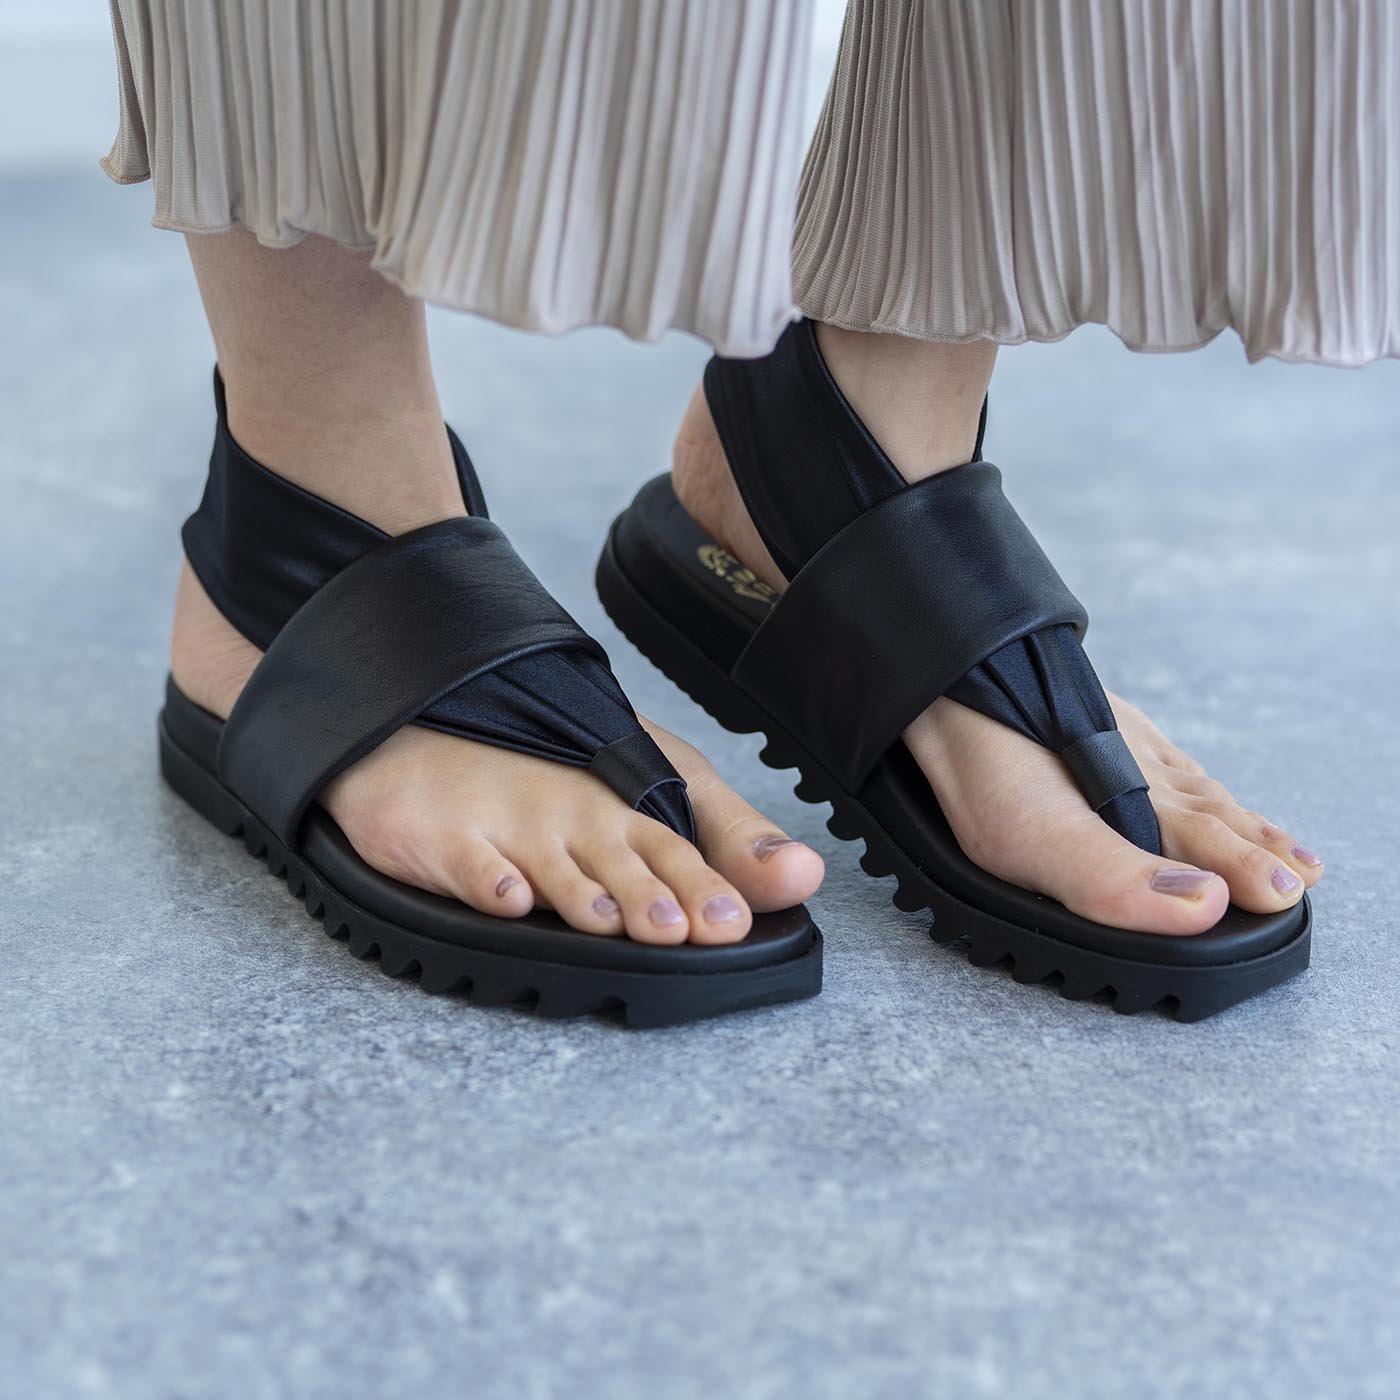 靴デザイナーの理想で仕上げた 職人本革のトングシューズ〈ブラック〉[サンダル:日本製]